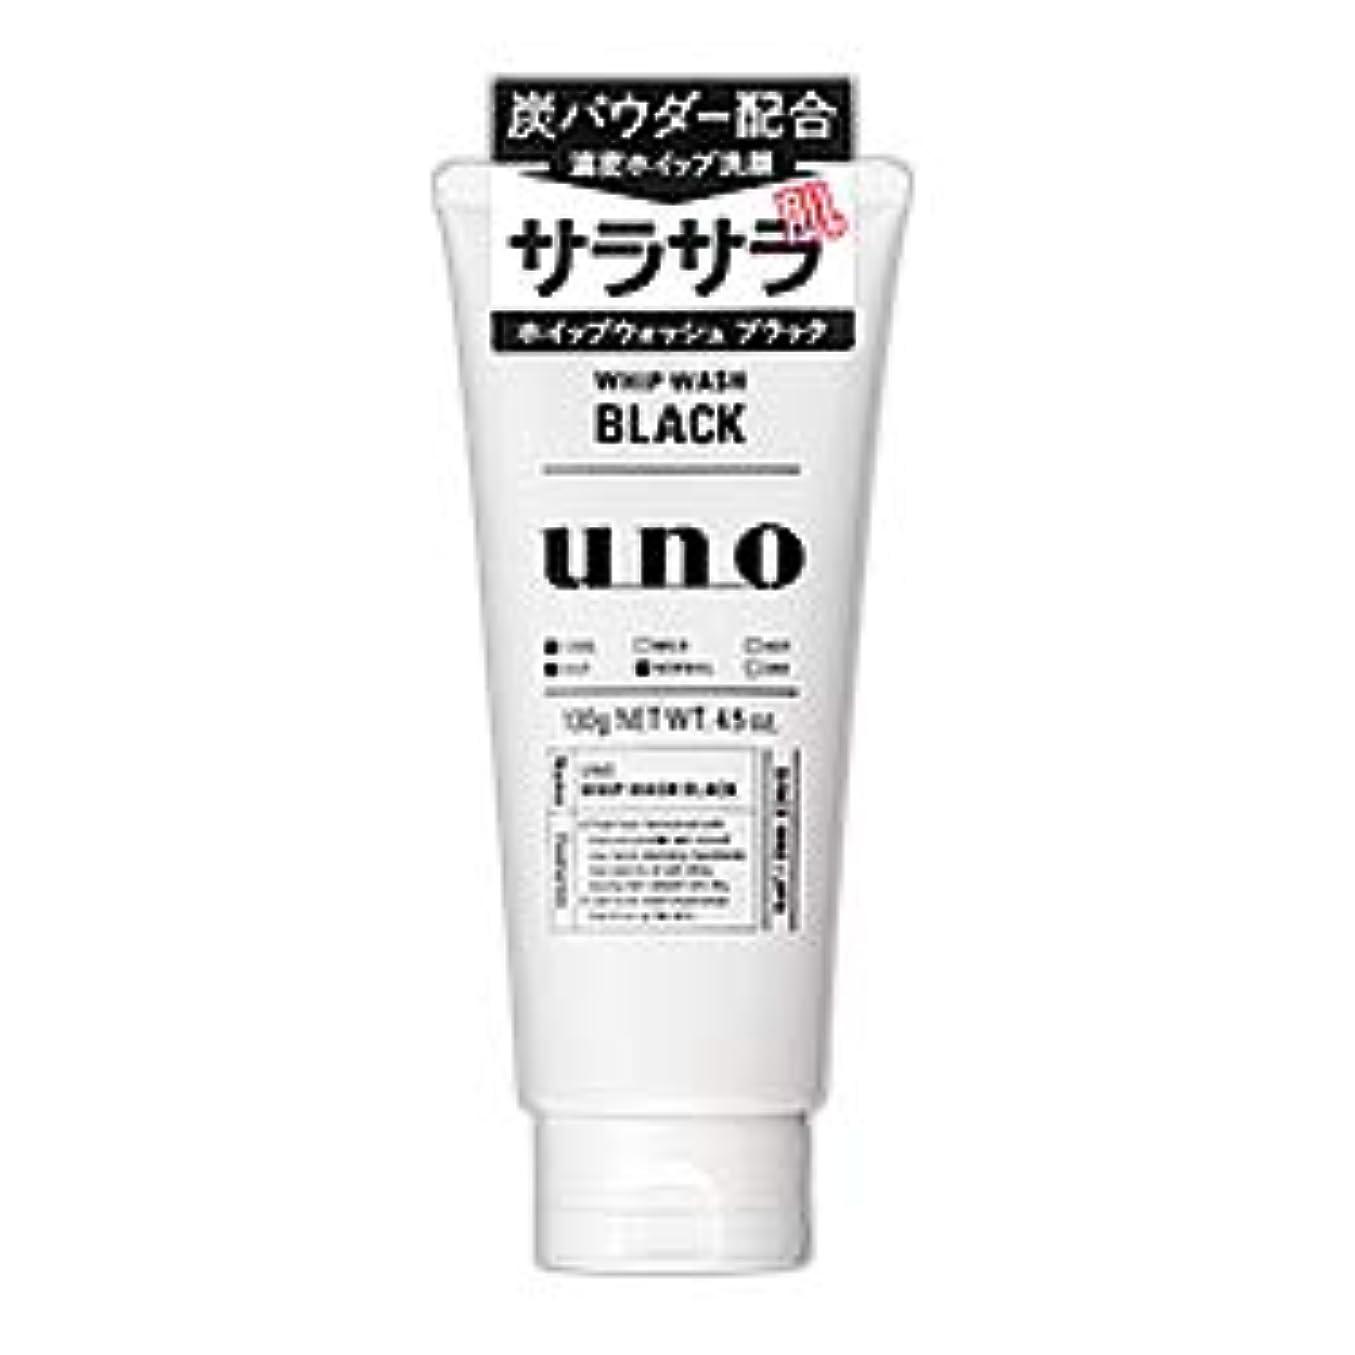 検出可能恐竜スキッパー【資生堂】ウーノ(uno) ホイップウォッシュ (ブラック) 130g ×2個